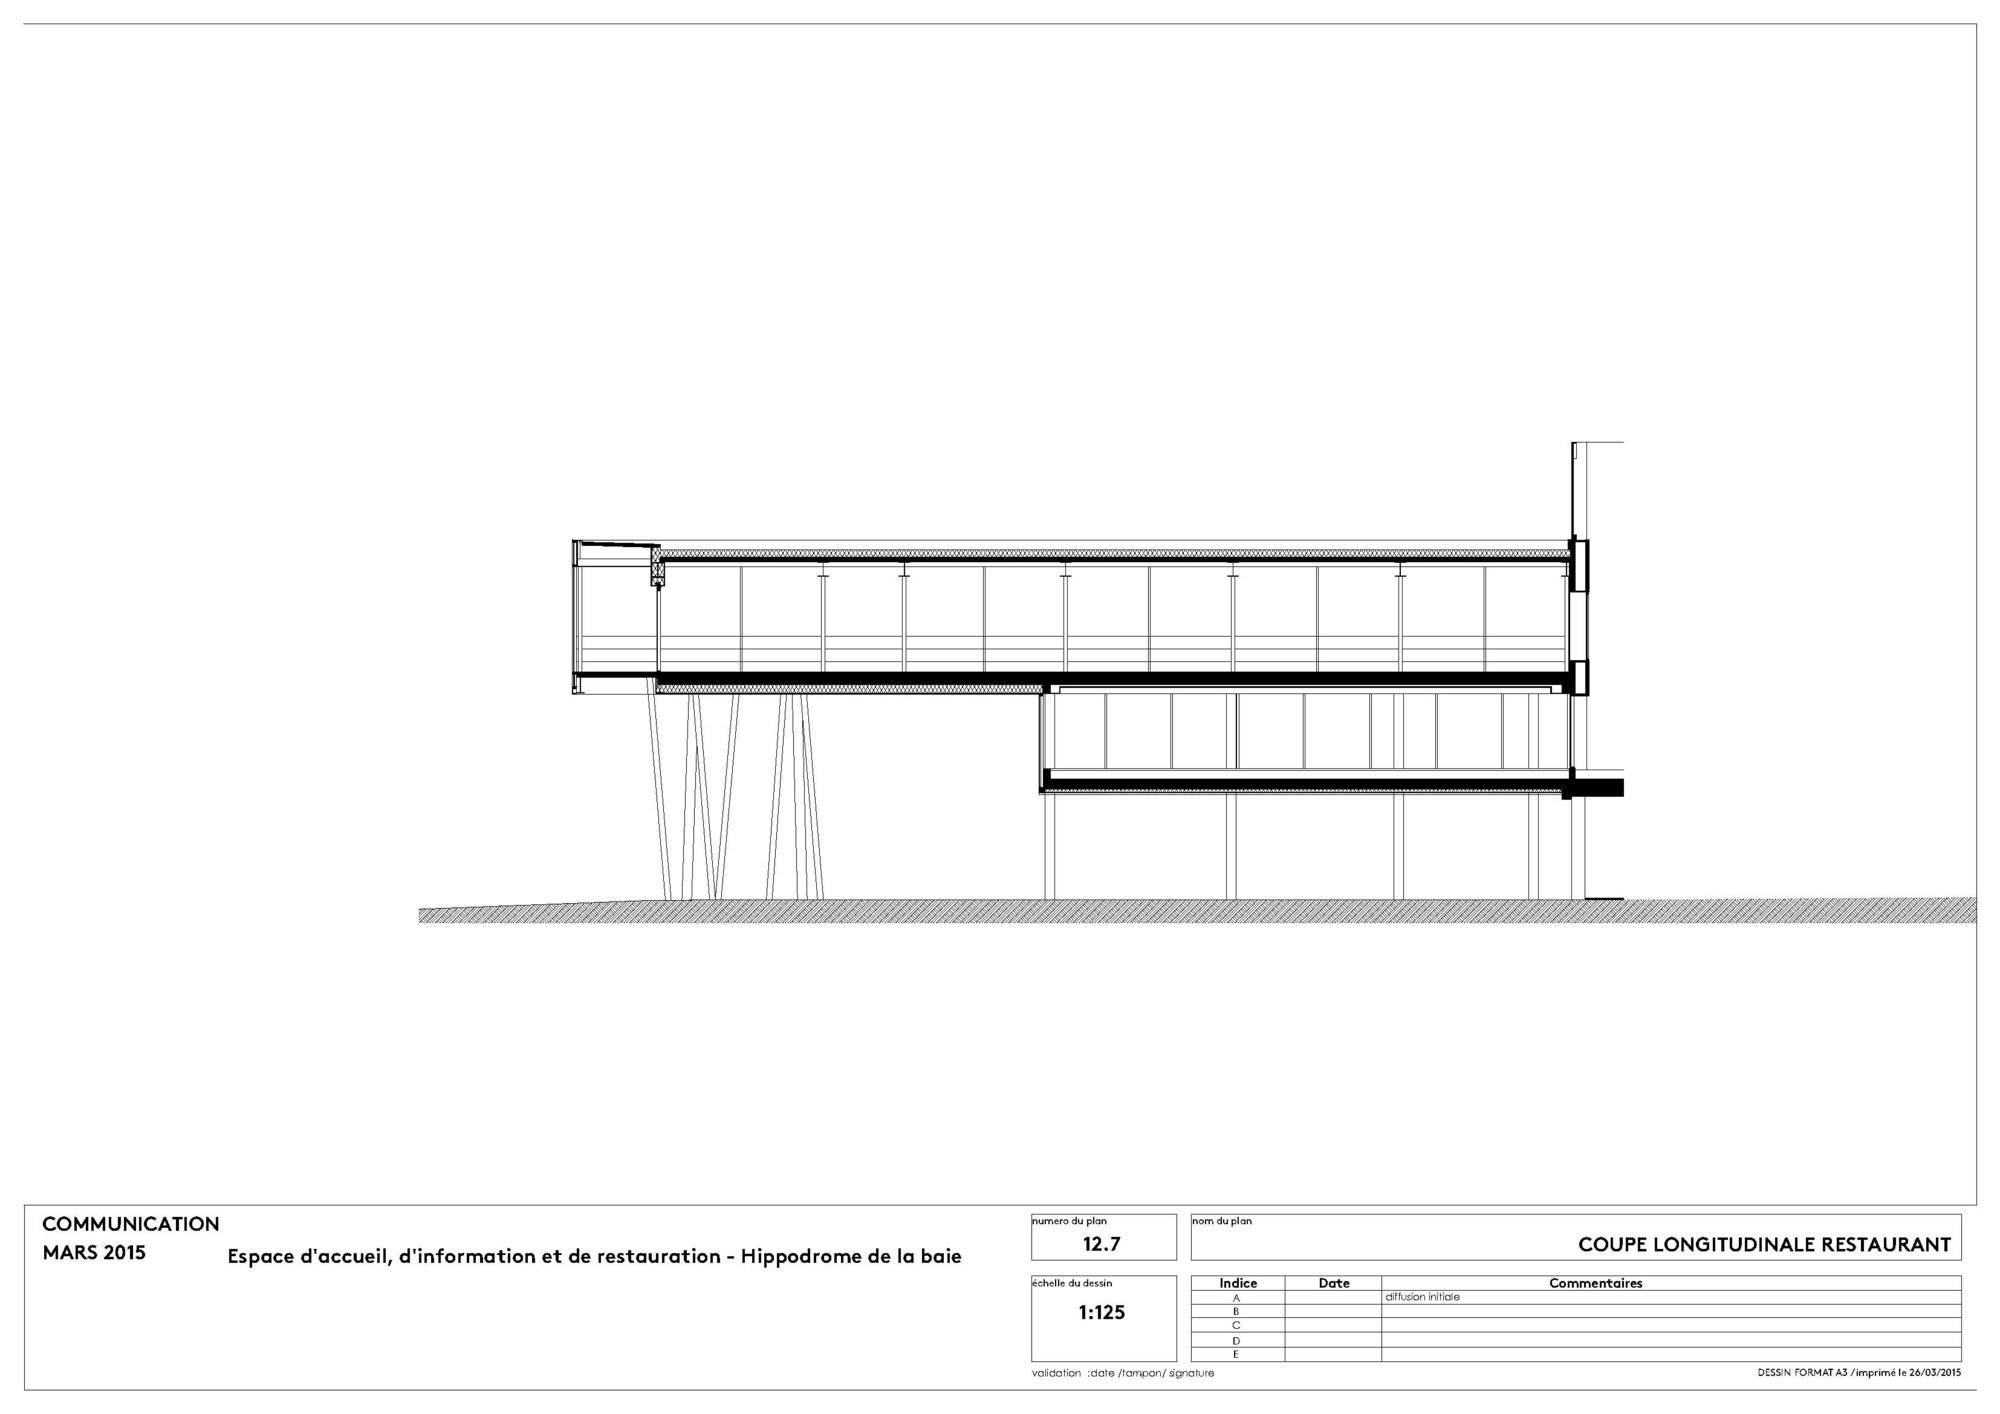 Galer a de el hip dromo de la baie nomade architects 14 for Architecture nomade